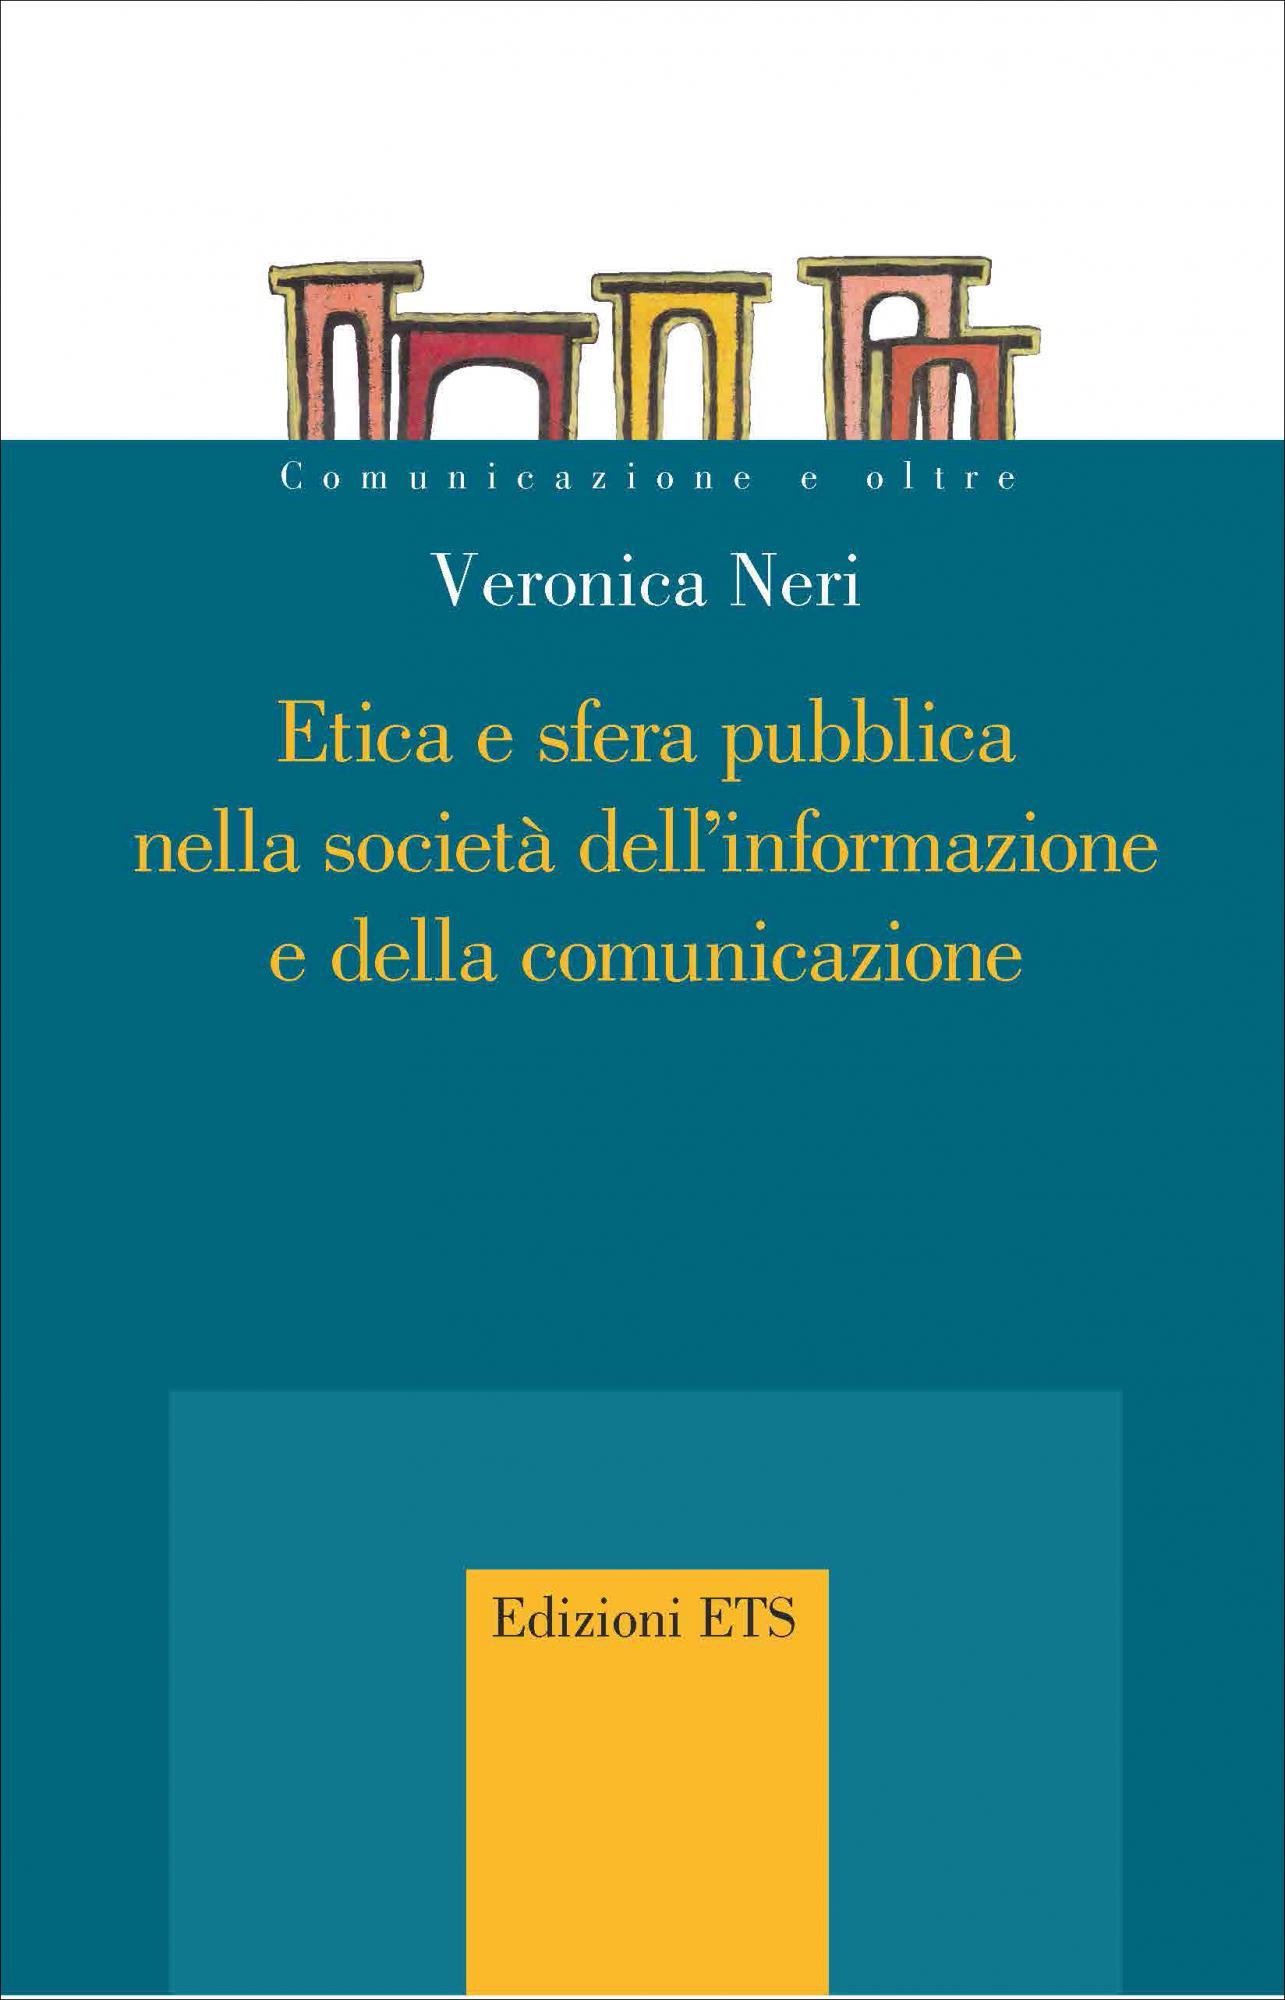 Etica e sfera pubblica nella società dell'informazione e della comunicazione<br /><br />